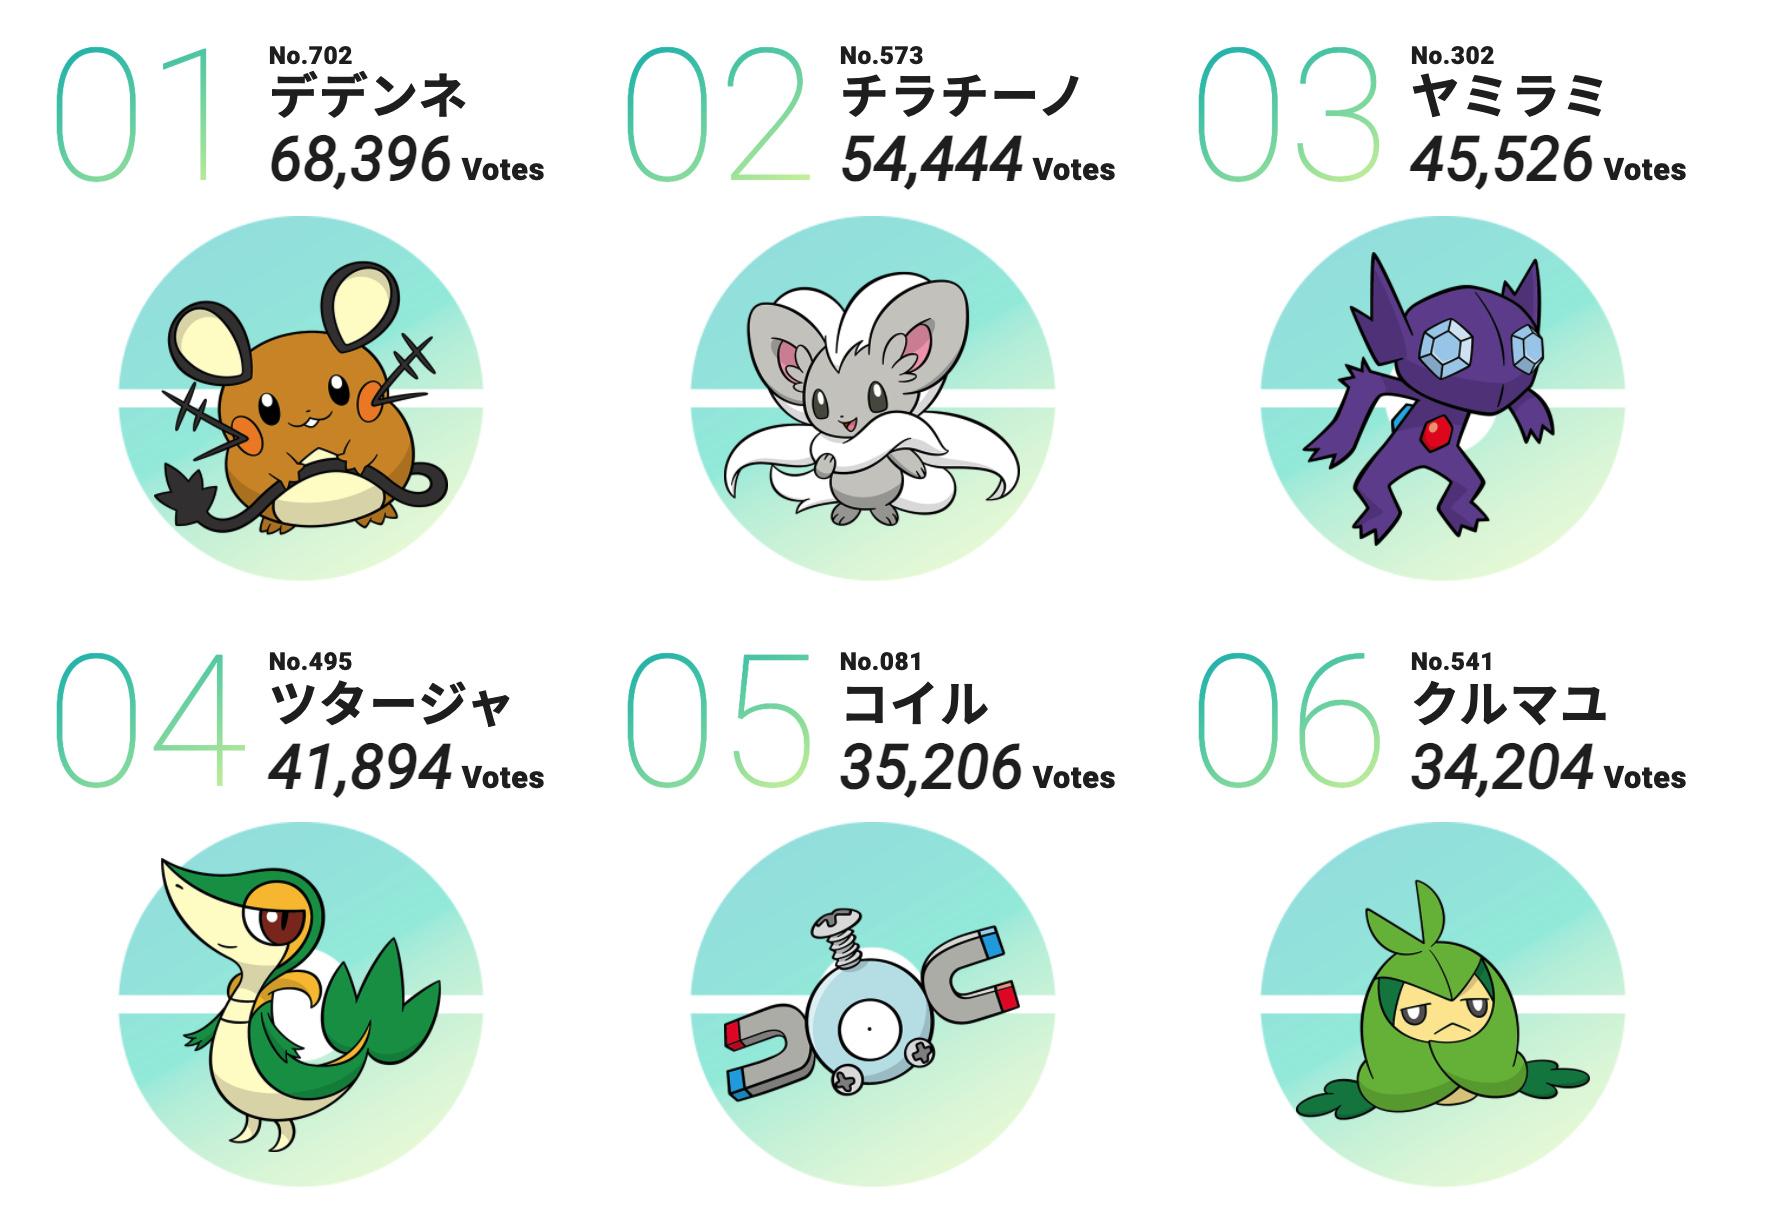 ポケモン投票企画「#キミにきめた」1位〜6位